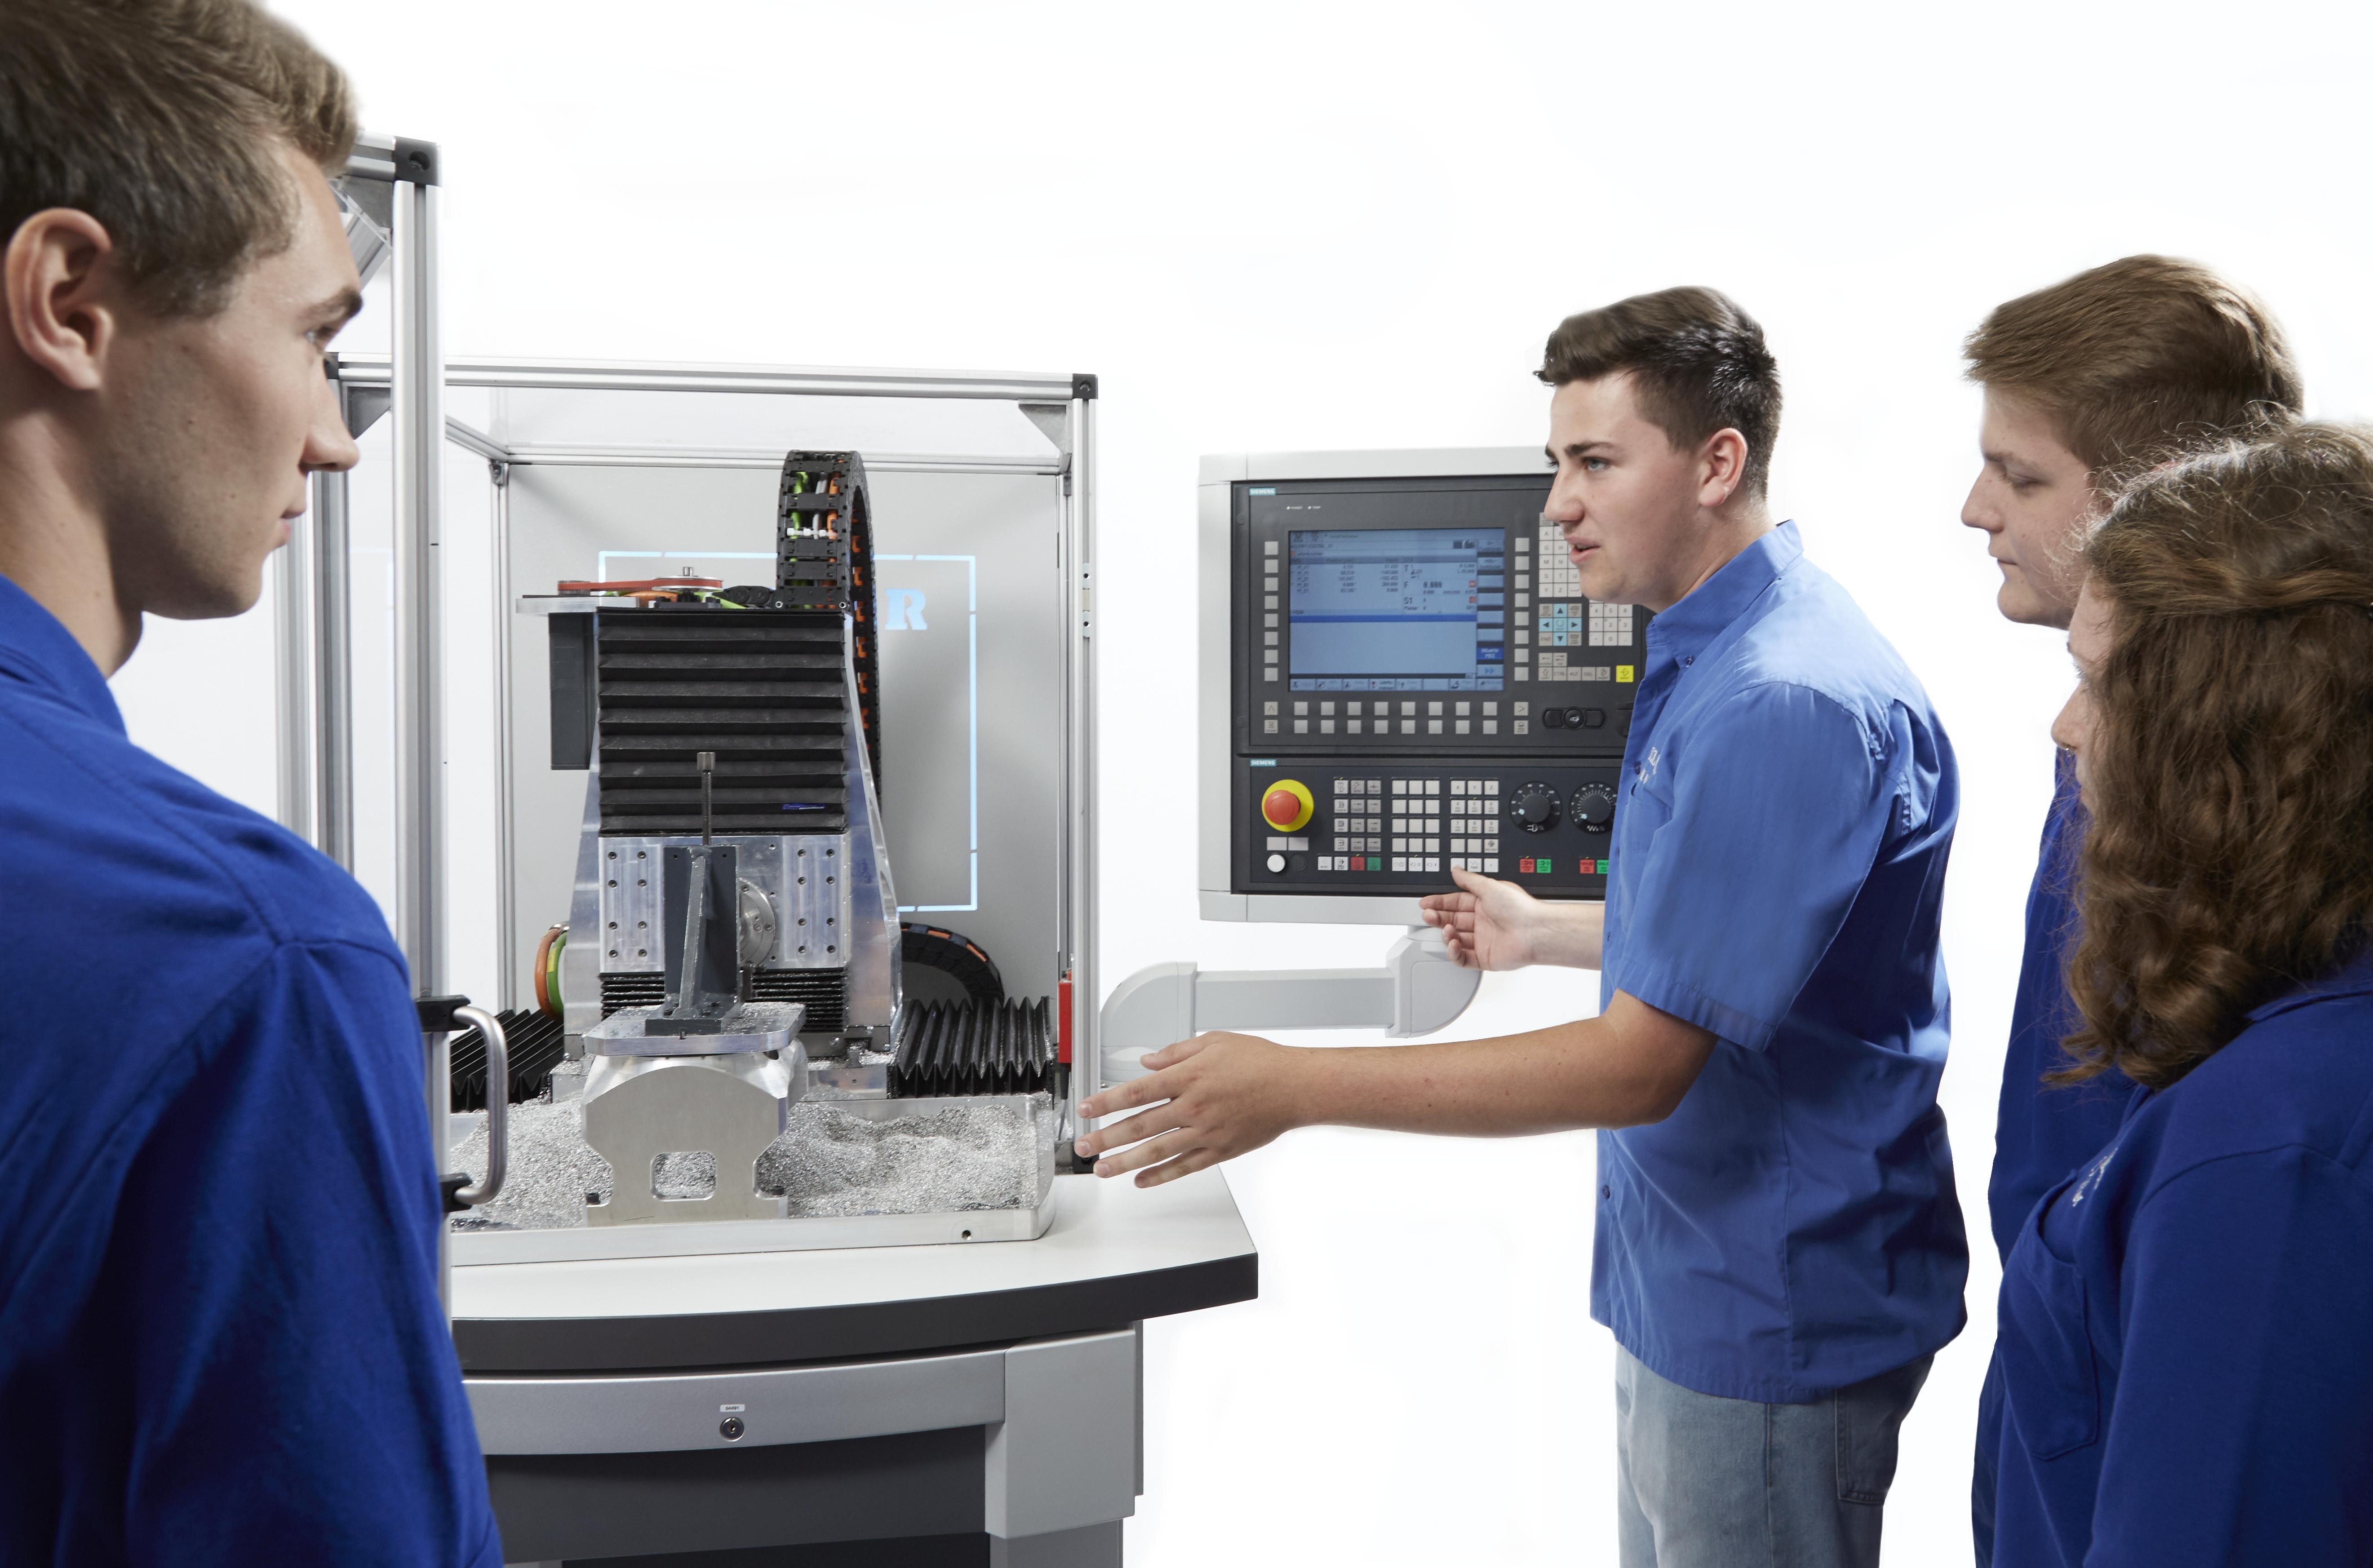 Ausbildungsmaschine Profitrainer, Quelle: Heller